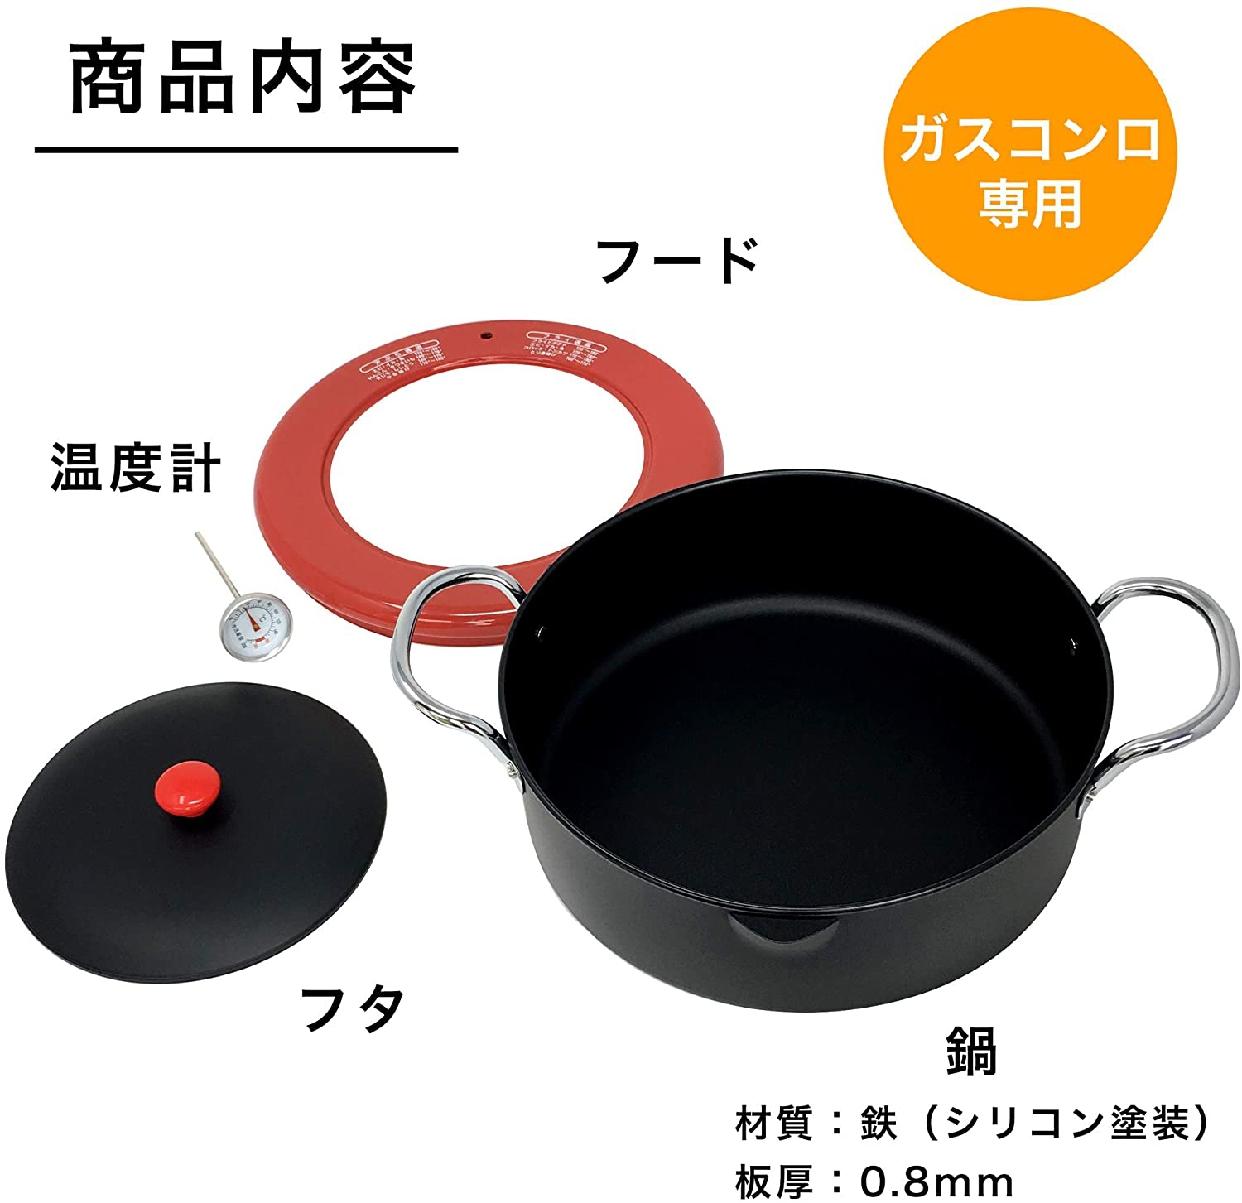 中央産業(チュウオウサンギョウ) 温度計付天ぷら鍋 揚げま専科 レッド 24cmの商品画像2